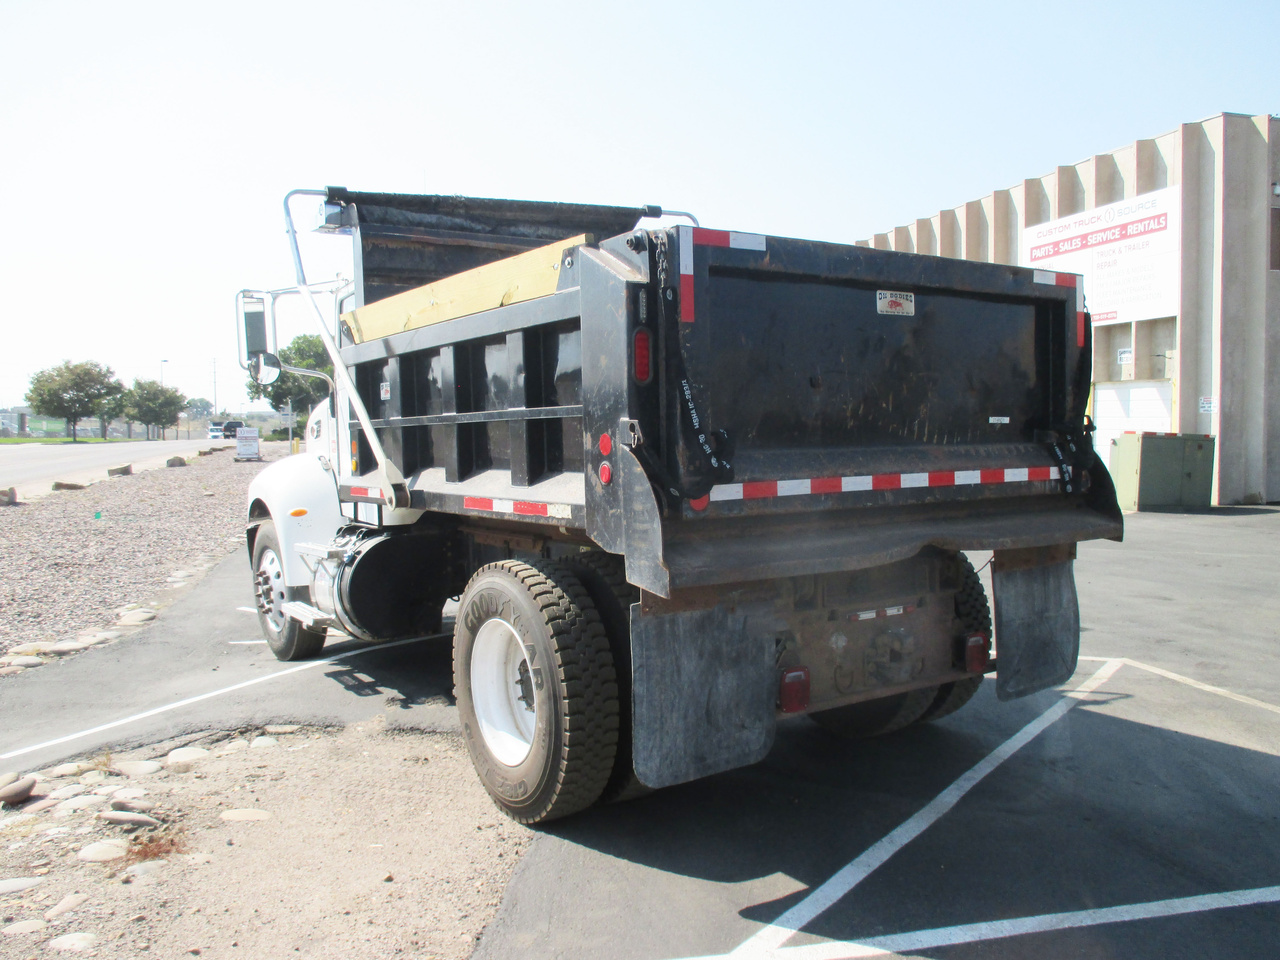 2014 Peterbilt 337 4x2 Ox 10 FT Dump Truck